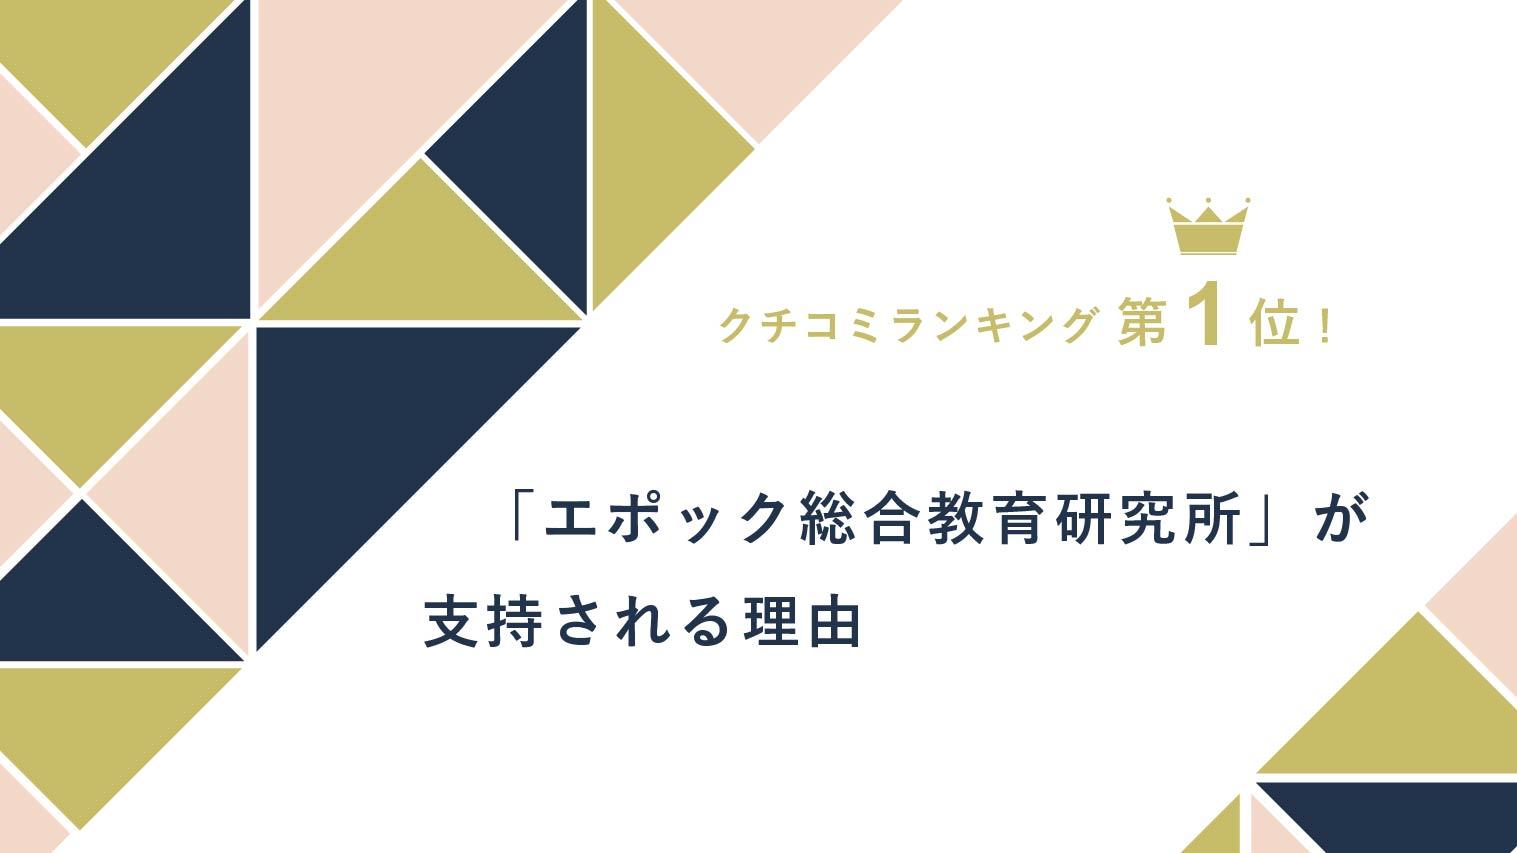 口コミランキング第1位「エポック総合教育研究所」が支持される理由